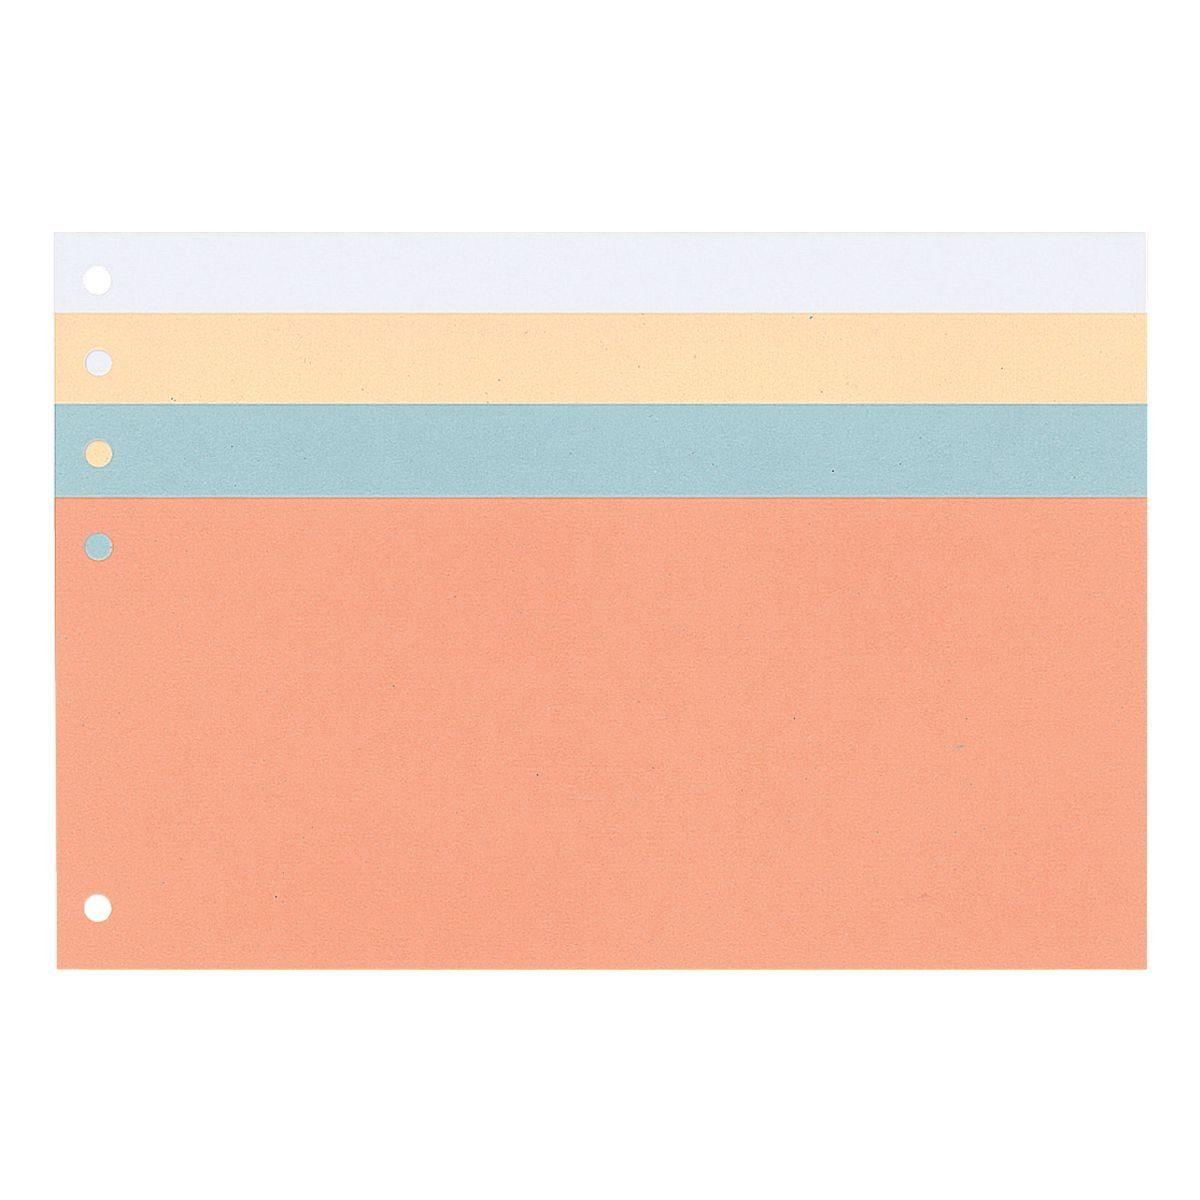 OTTOOFFICE NATURE Trennstreifen 100 Stück 4 Farben